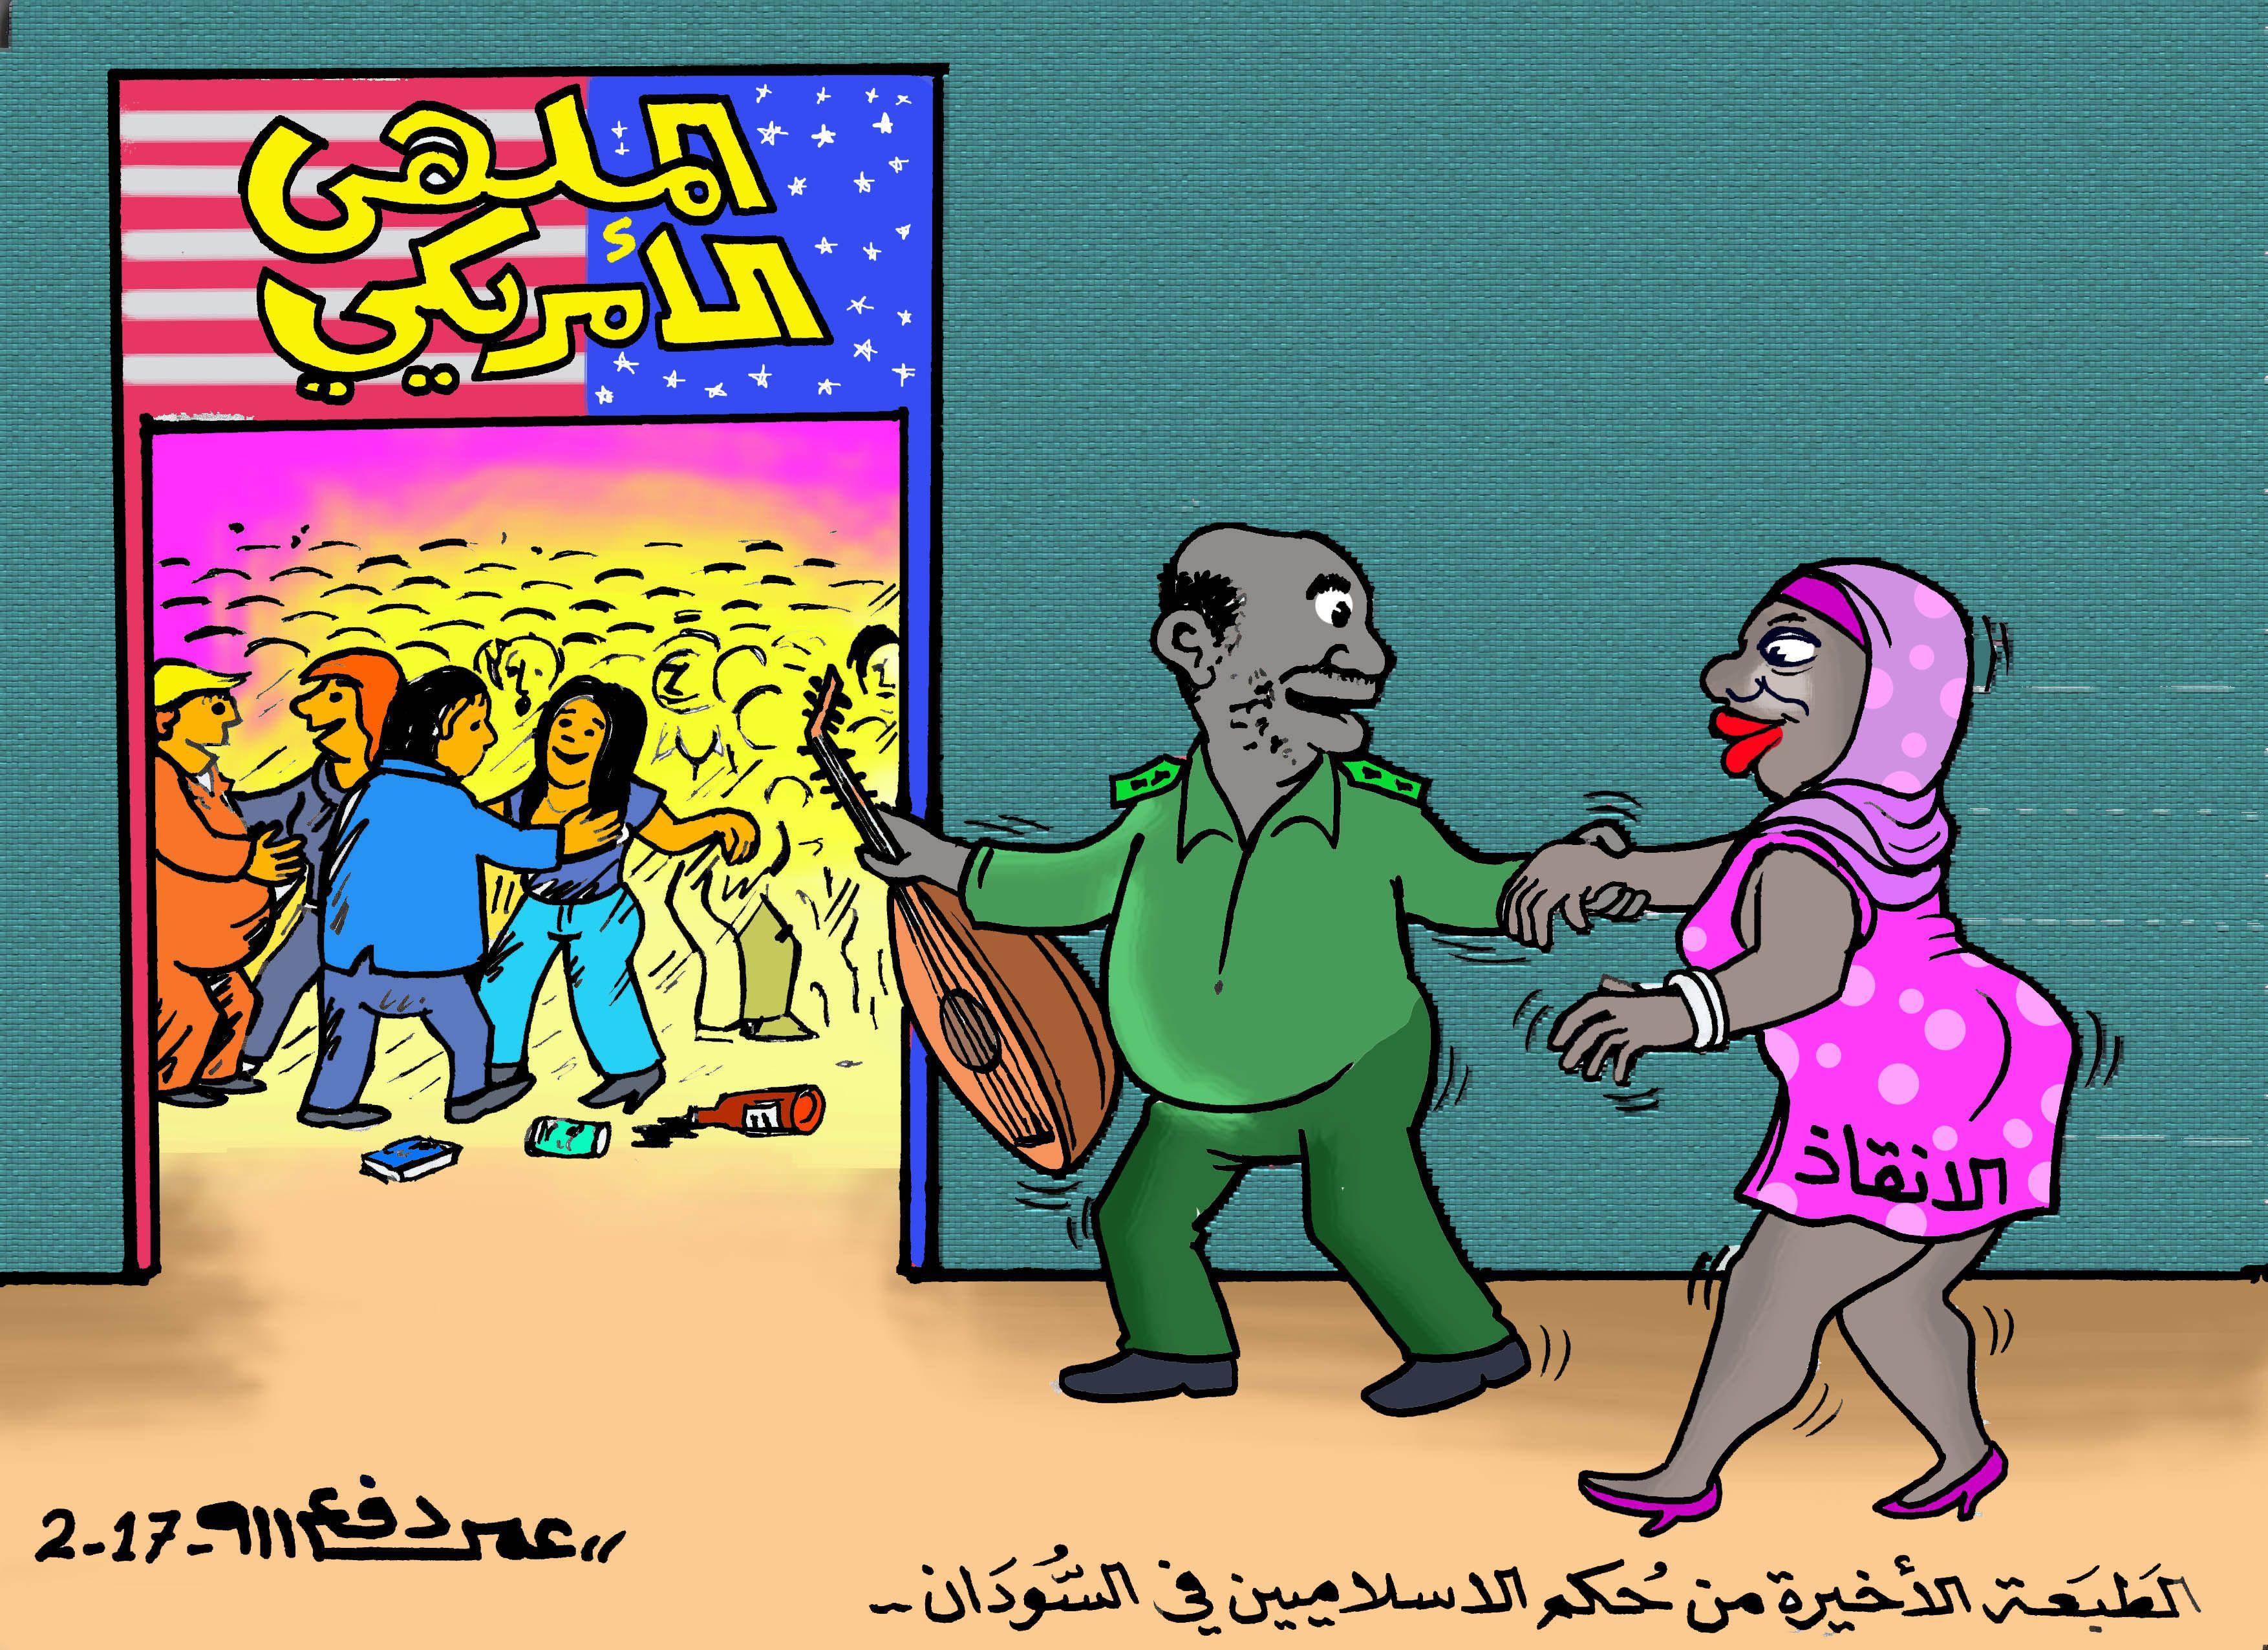 كاركاتير اليوم الموافق 09 فبراير 2017 للفنان عمر دفع الله